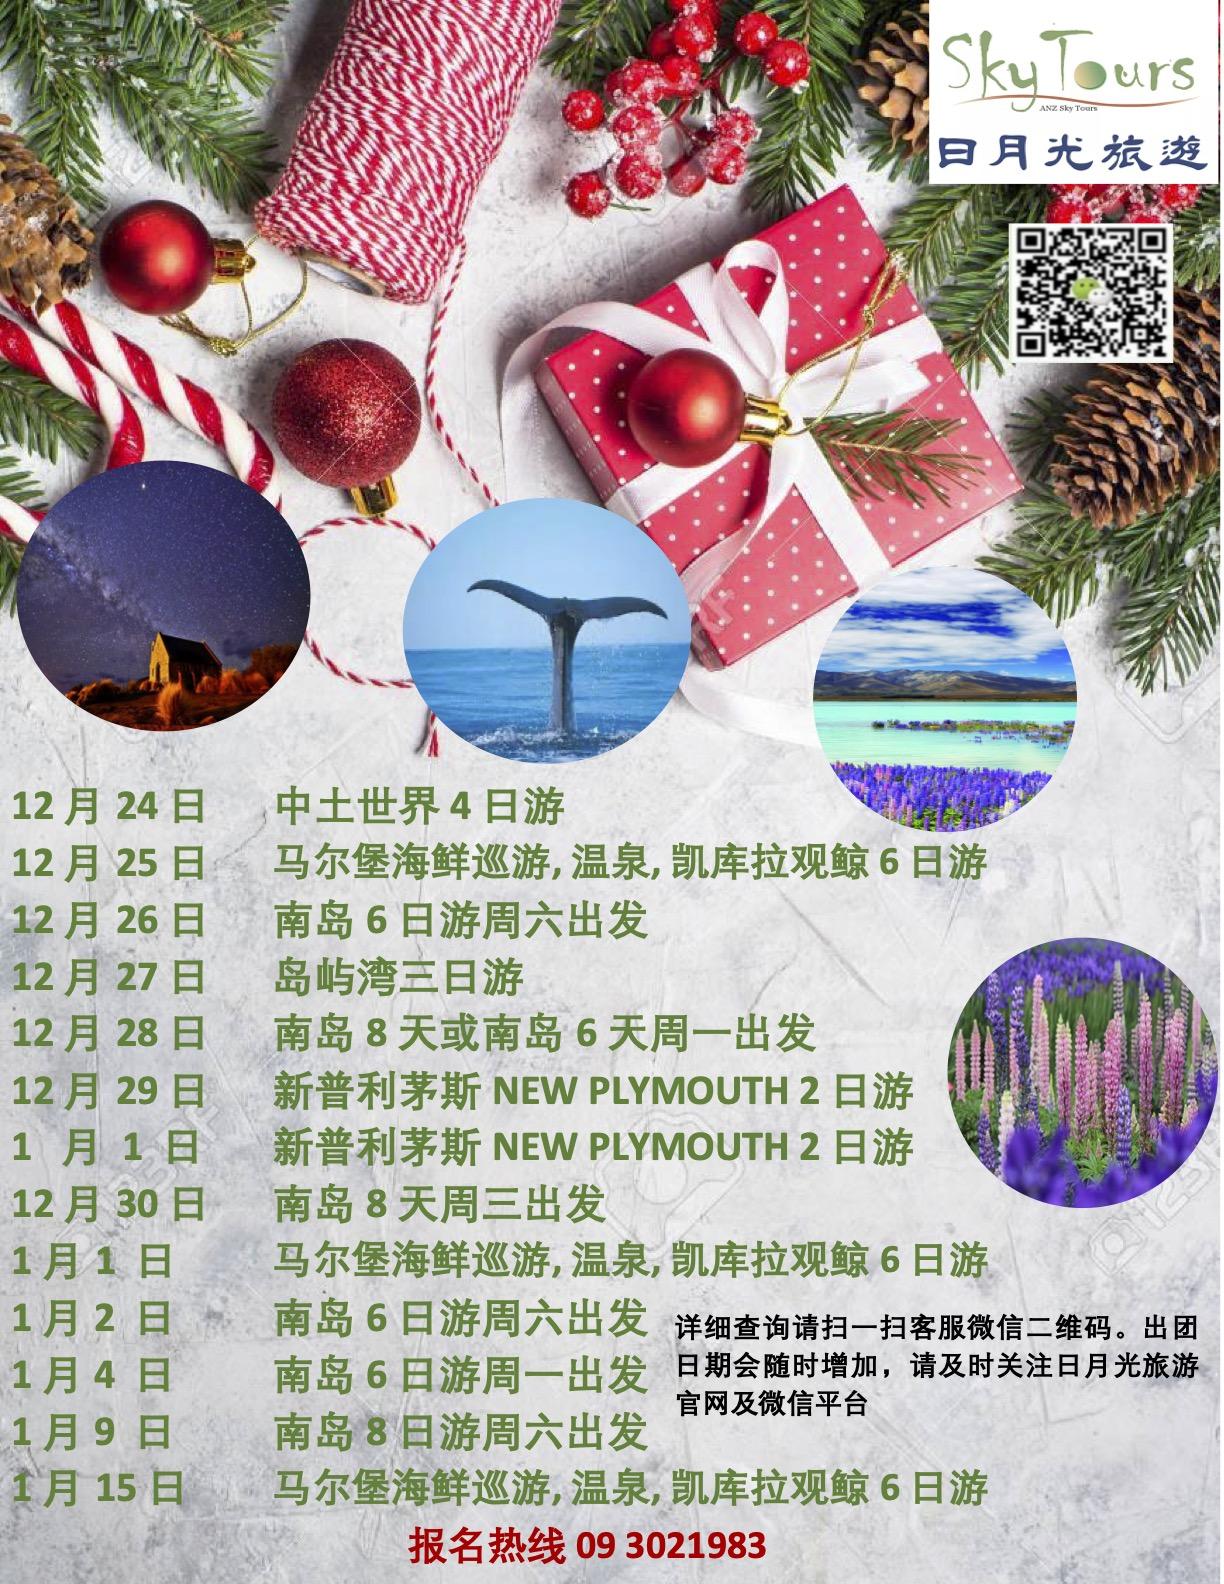 Christmas tour 2020